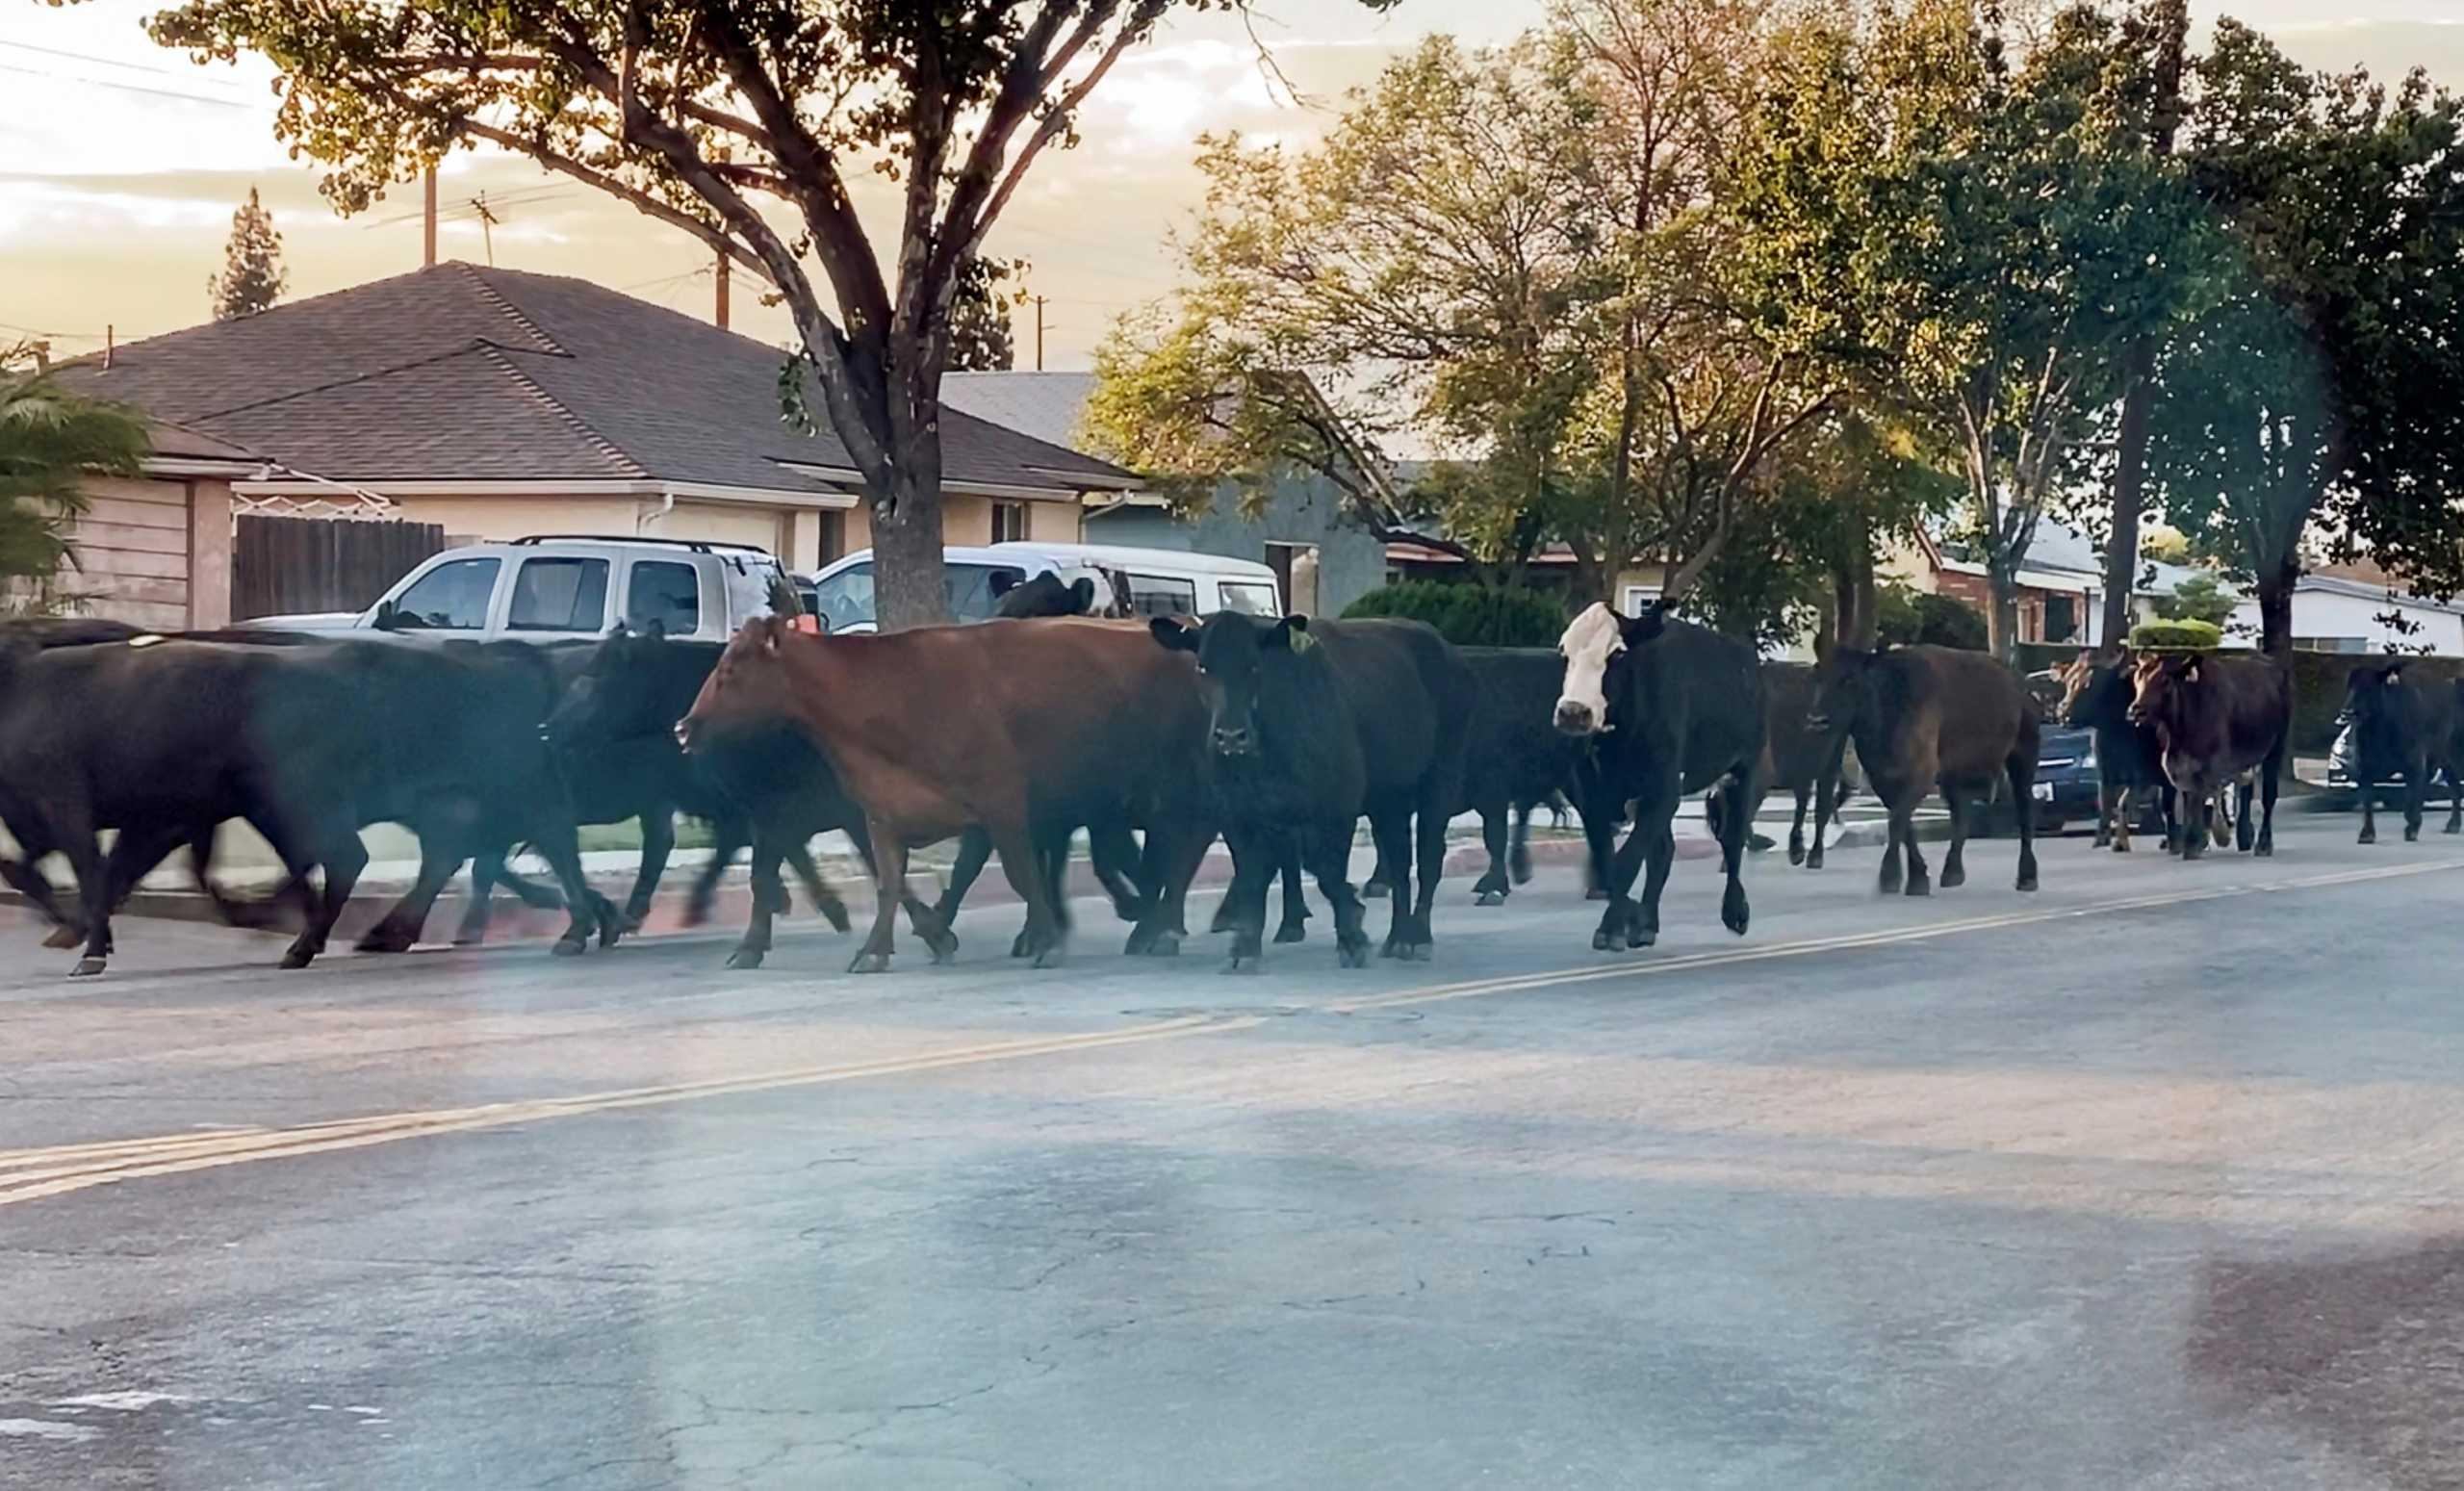 Λος Άντζελες: Βρέθηκε και η τελευταία αγελάδα από τις 40 που το έσκασαν από σφαγείο (pics,video)